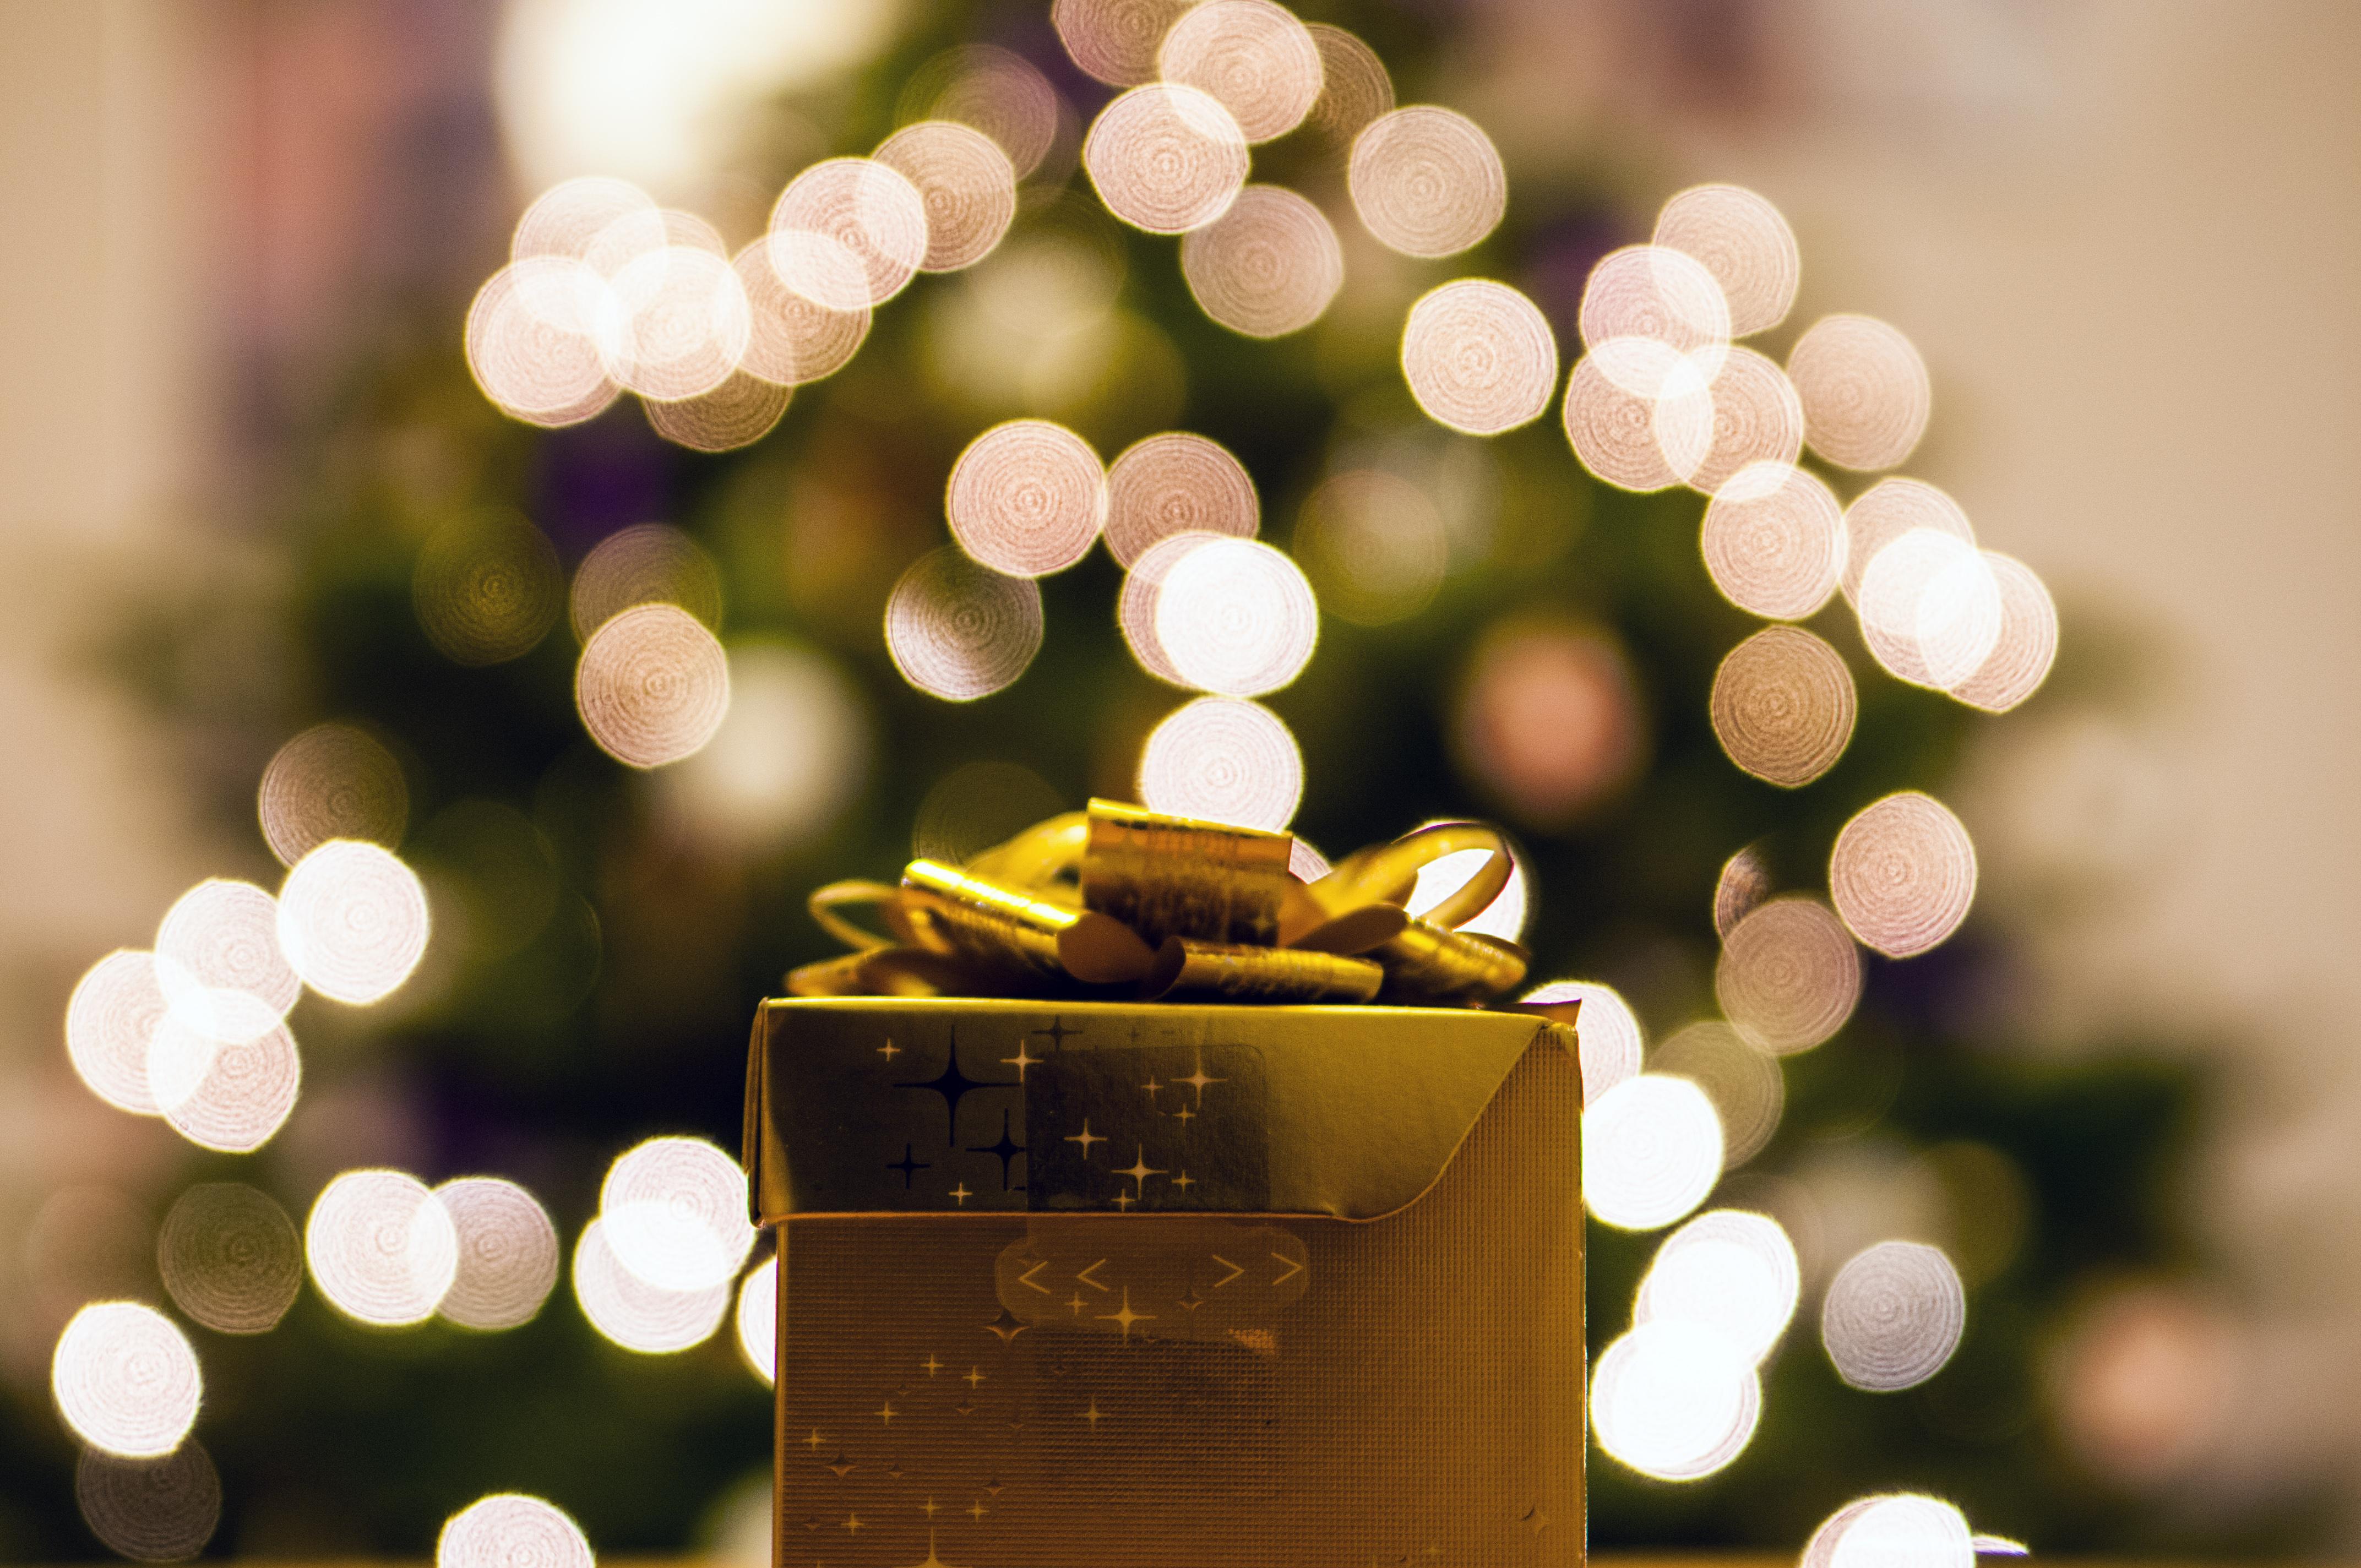 Come Fare Dei Regali Di Natale Fai Da Te.Regali Di Natale Low Cost E Fai Da Te Generazione 850 Euro